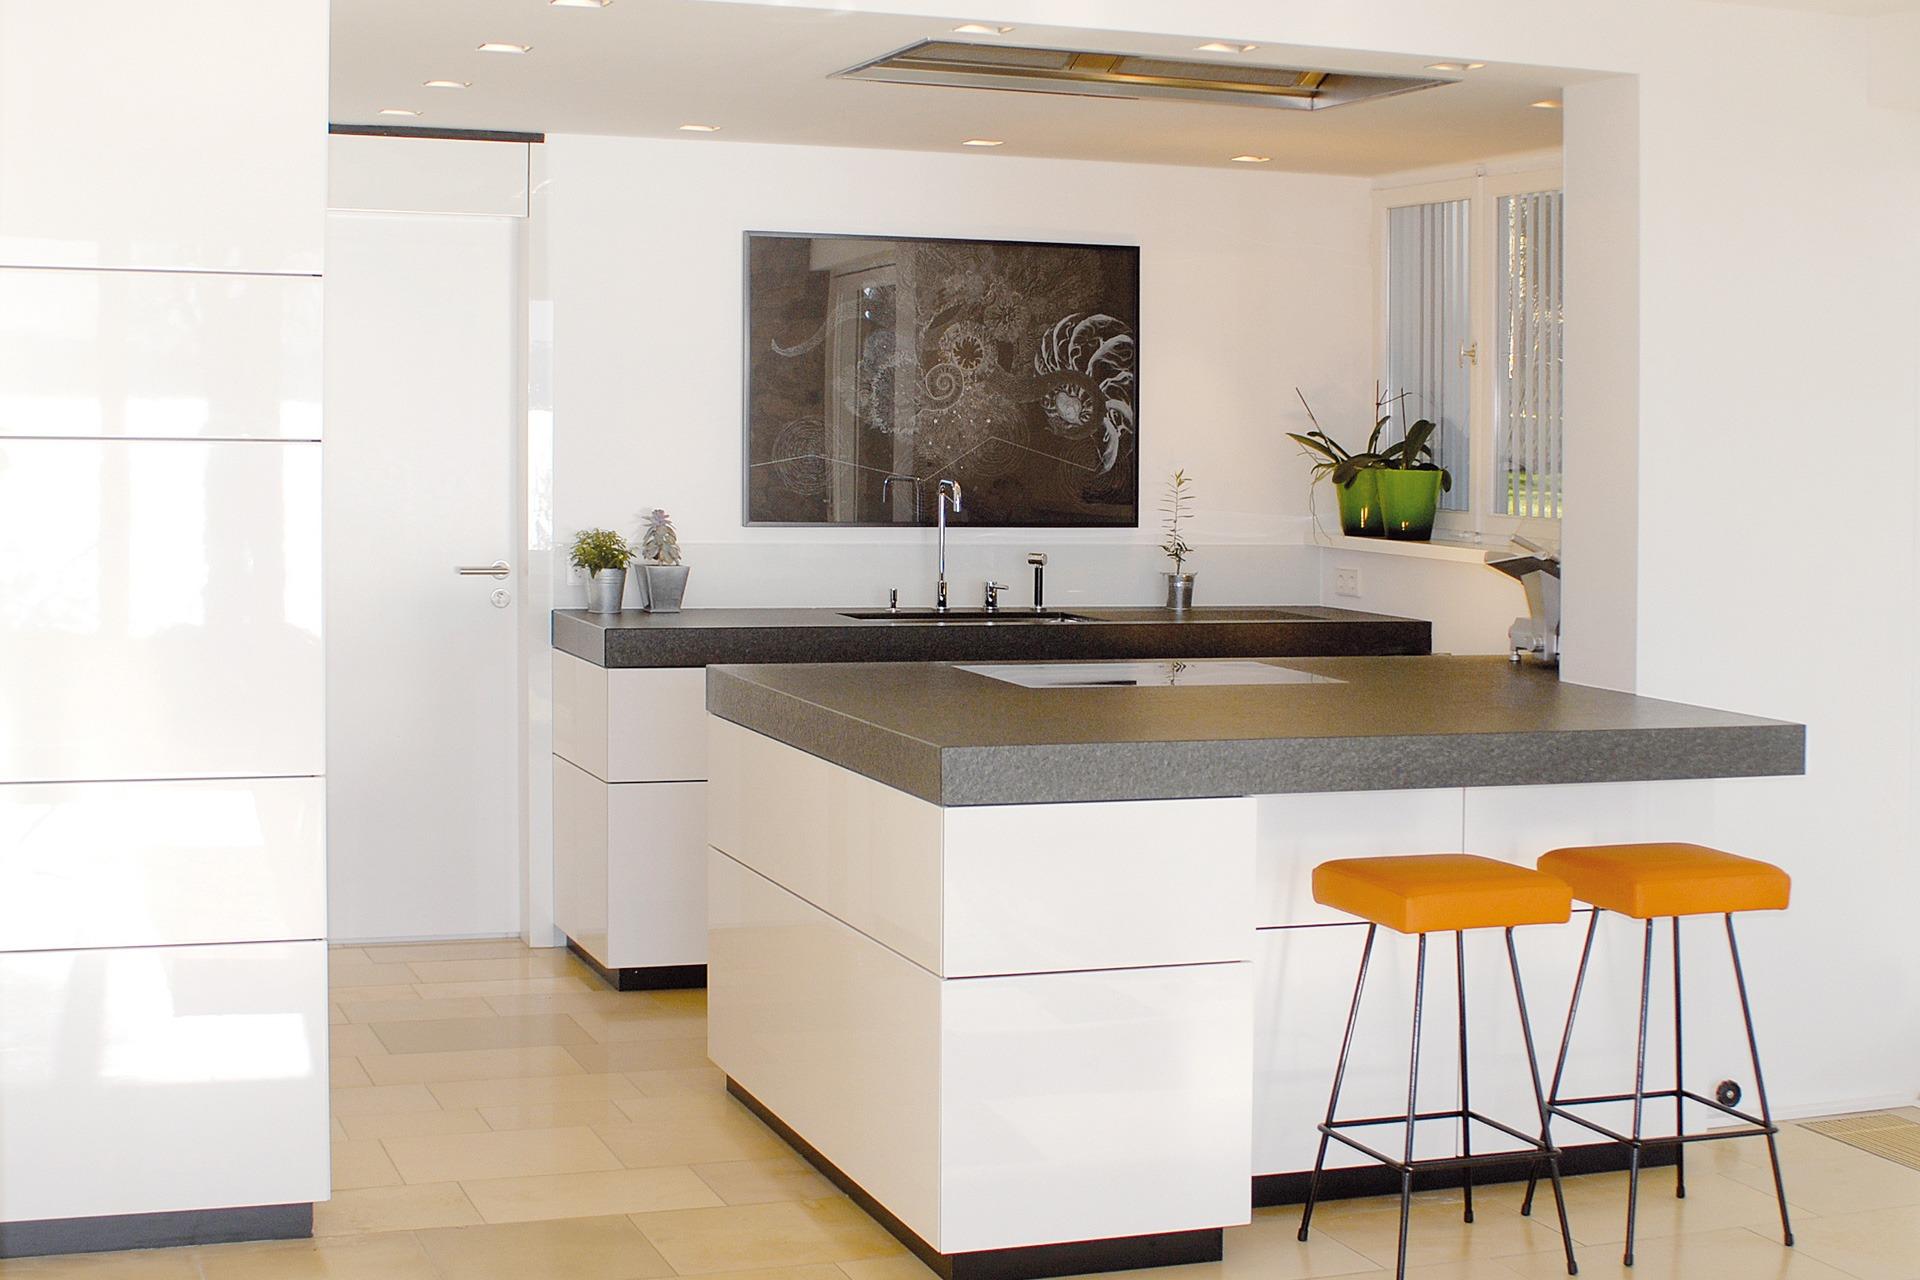 dankeseite einbauschrank ihr schreiner thaler m bel f rs leben. Black Bedroom Furniture Sets. Home Design Ideas